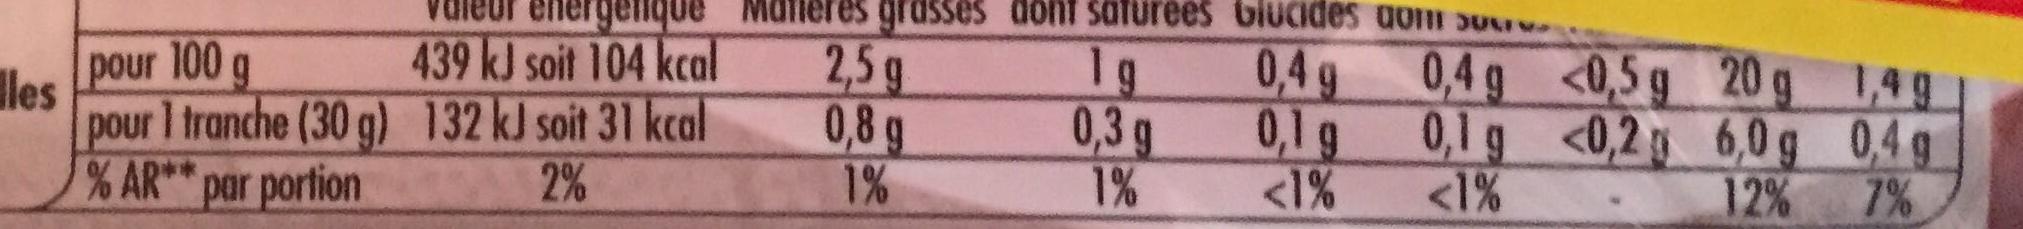 Le Bon Paris (- 25 % de Sel, Cuit à l'Étouffée - 4 Tranches) Lot de 2 + 1 Gratuite - Nutrition facts